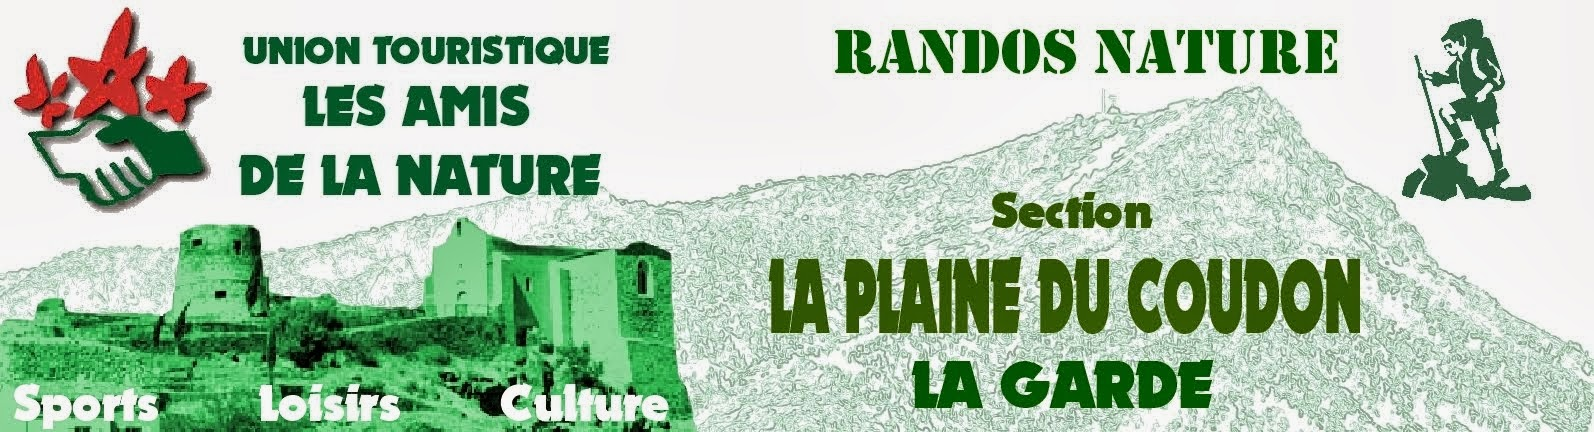 Union Touristique les Amis de la Nature - section La Plaine du Coudon